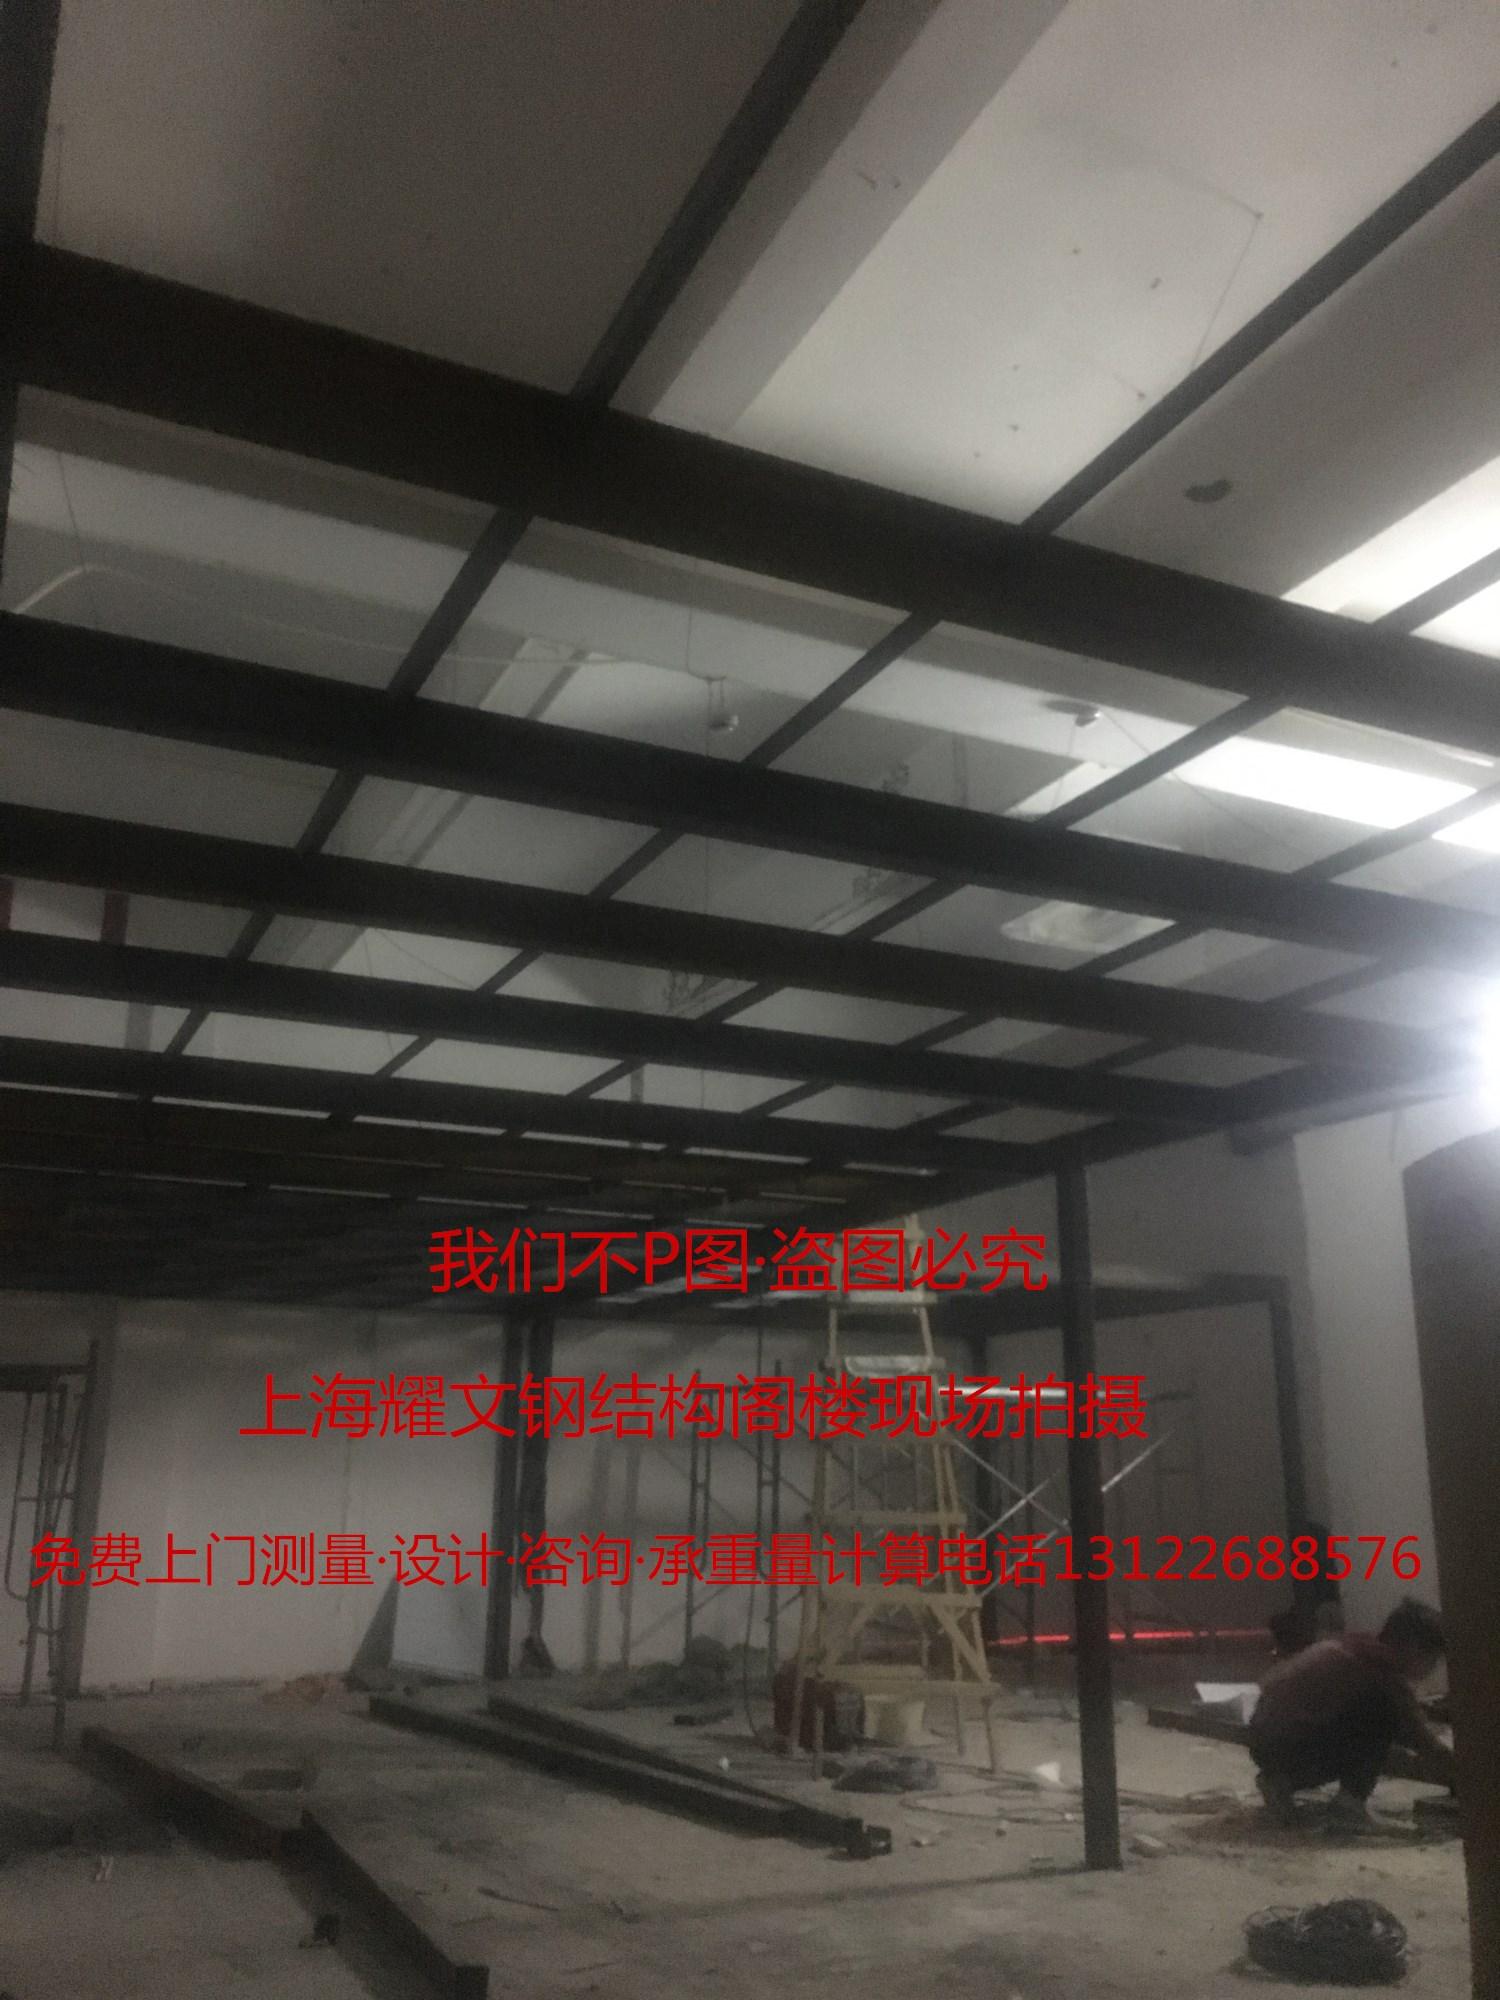 别墅钢结构阁楼加二层设计钢结构阁楼平台楼梯阳光房槽钢工字钢